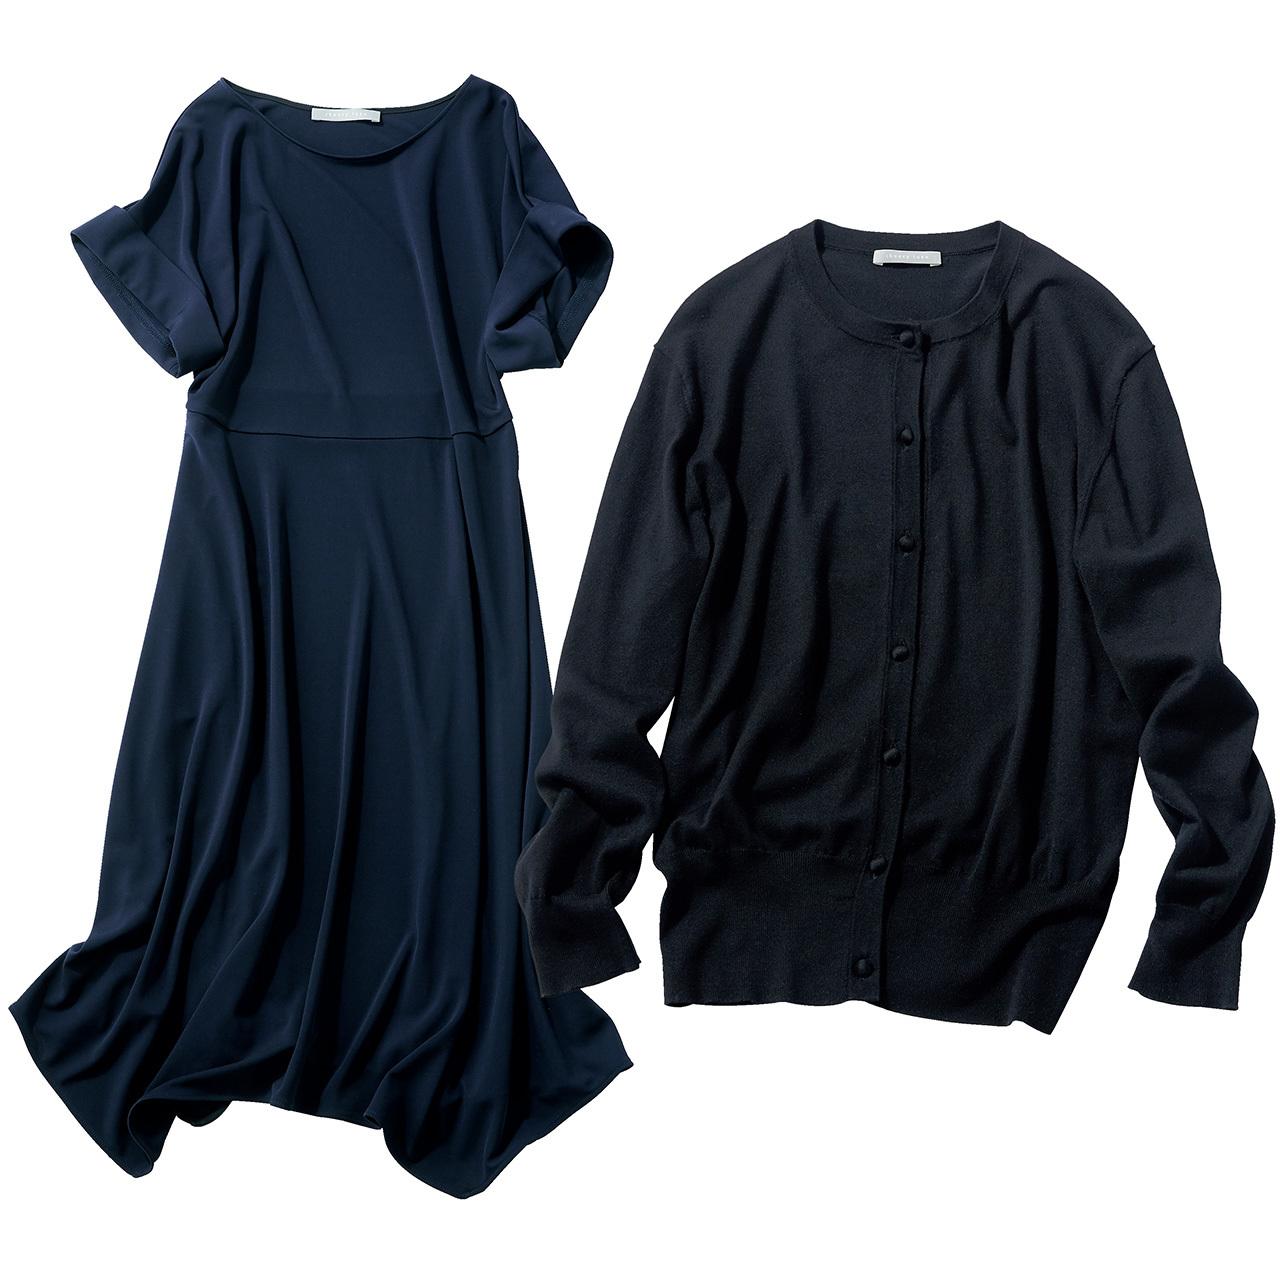 働く女性を応援!自宅で洗えるスーツ&御用達ブランドの服 五選_1_1-3